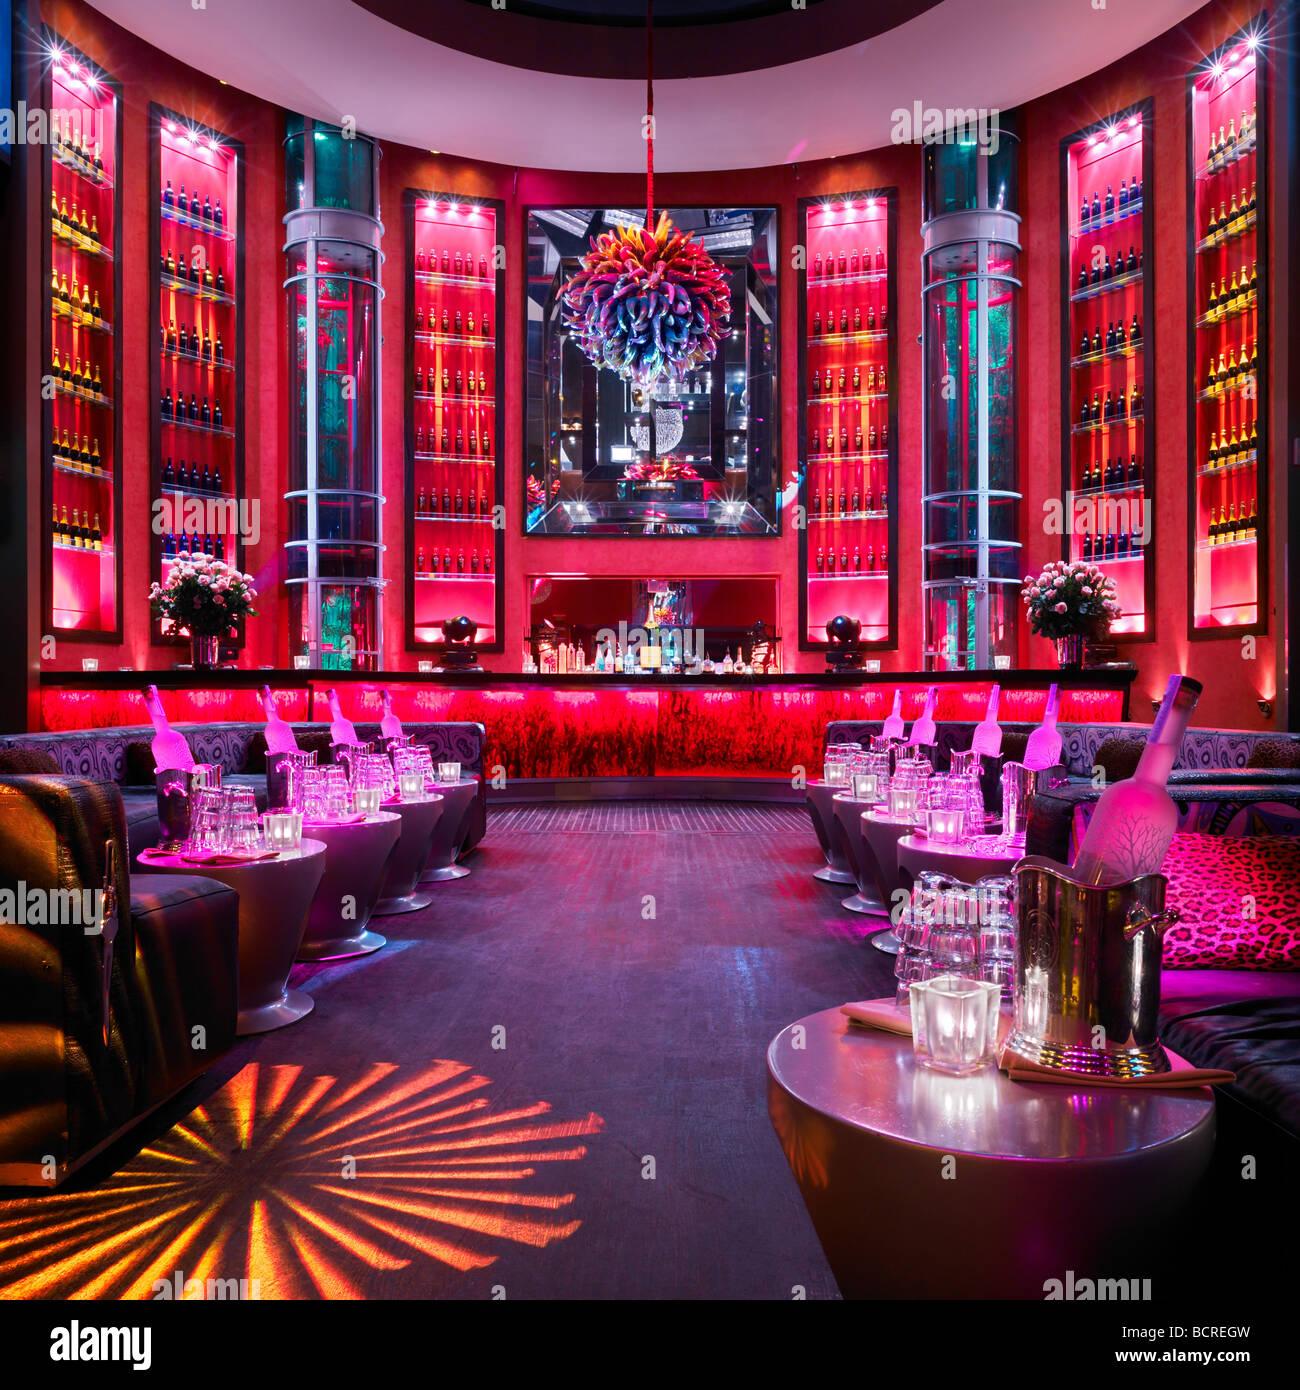 Set Miami nightclub, Miami Beach, Florida, USA - Stock Image